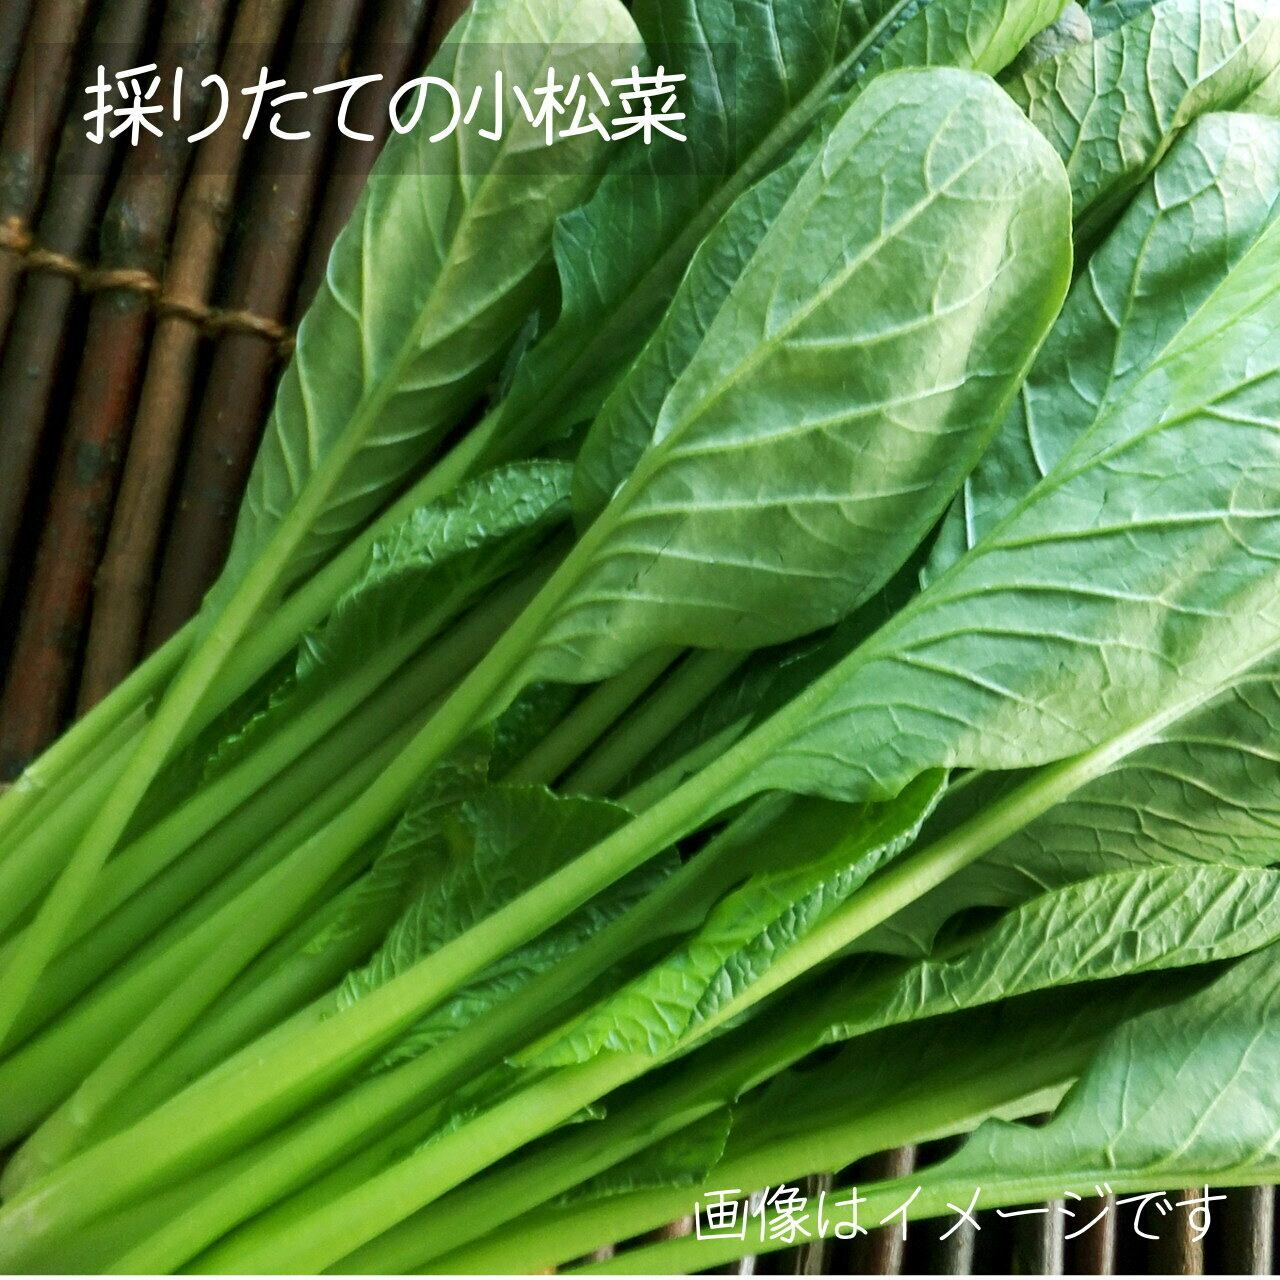 6月の朝採り直売野菜 : 小松菜 約200g 春の新鮮野菜 6月5日発送予定